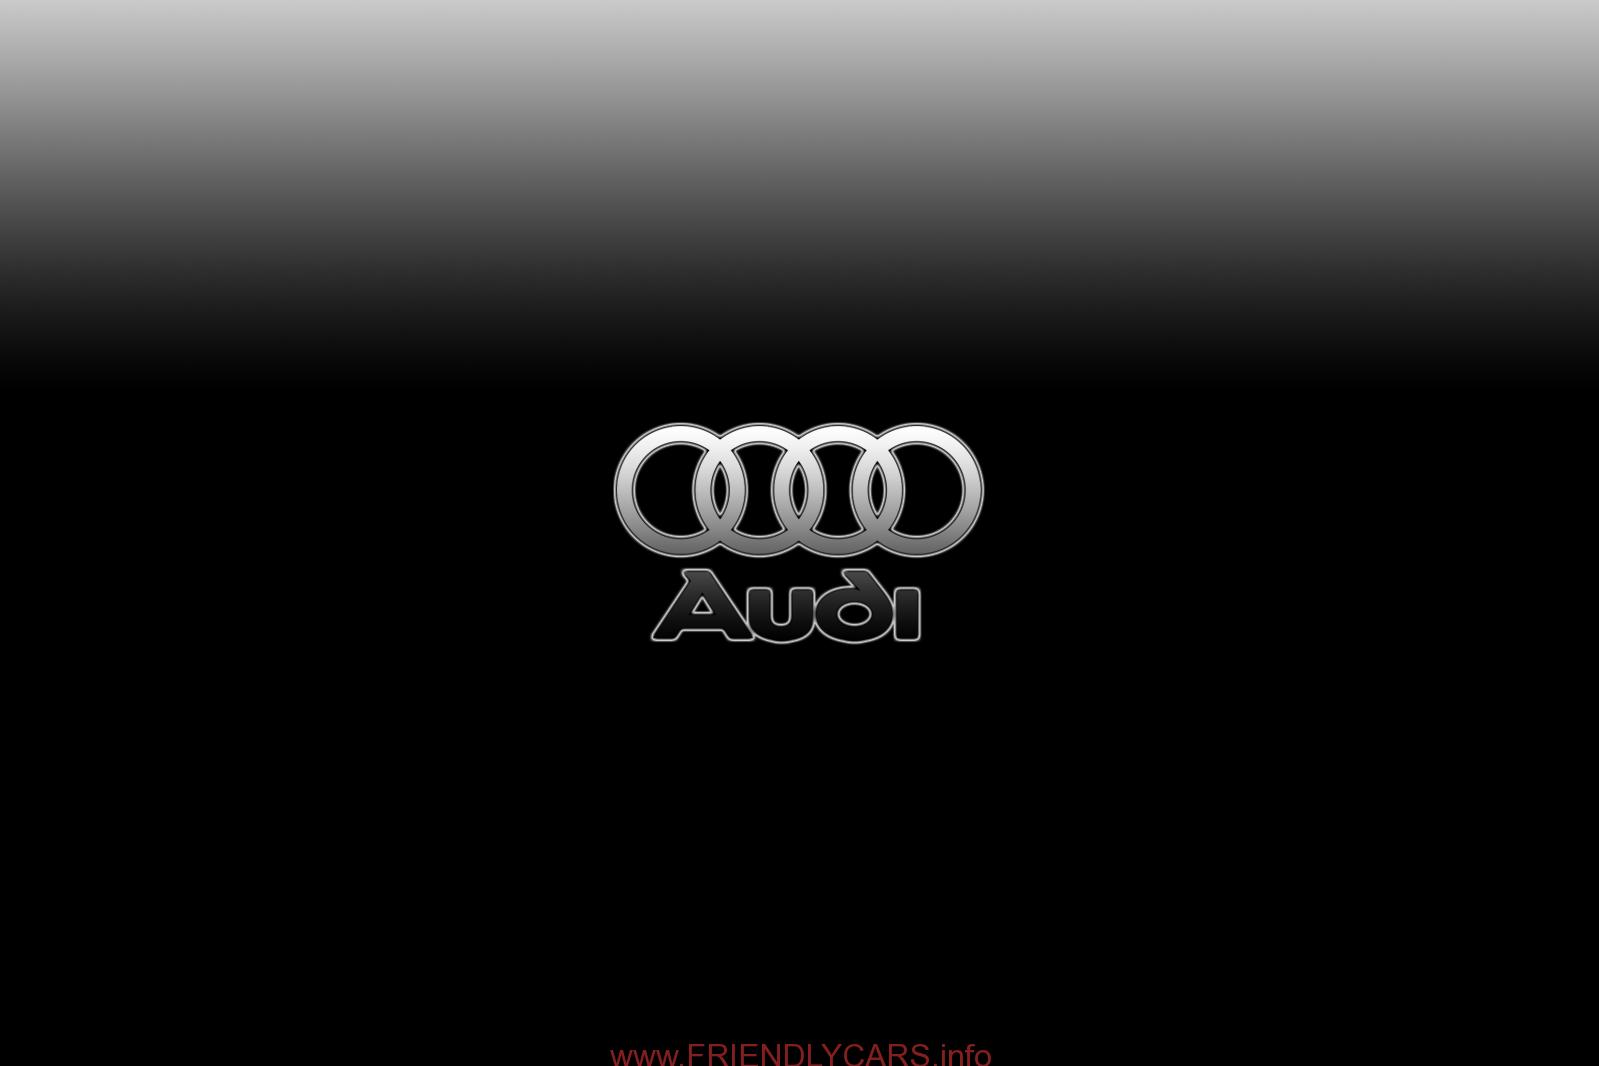 nice mercedes benz logo vector car images hd audi logo the car logo and short info - Mercedes Benz Logo Vector